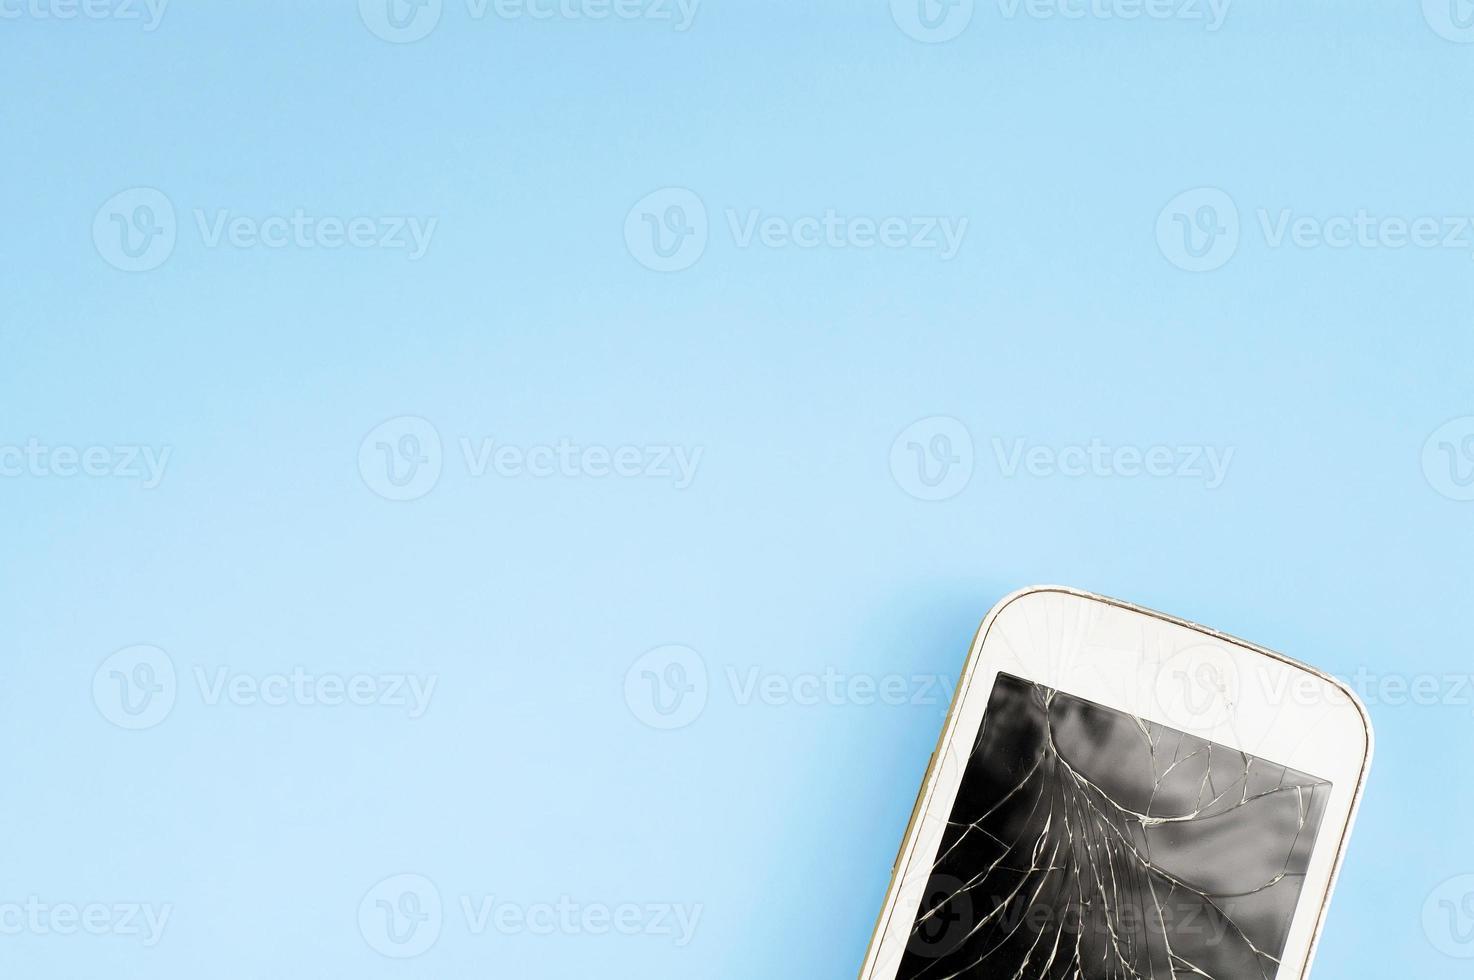 un teléfono celular con pantalla táctil roto sobre fondo azul con espacio libre de copiar y pegar para texto foto